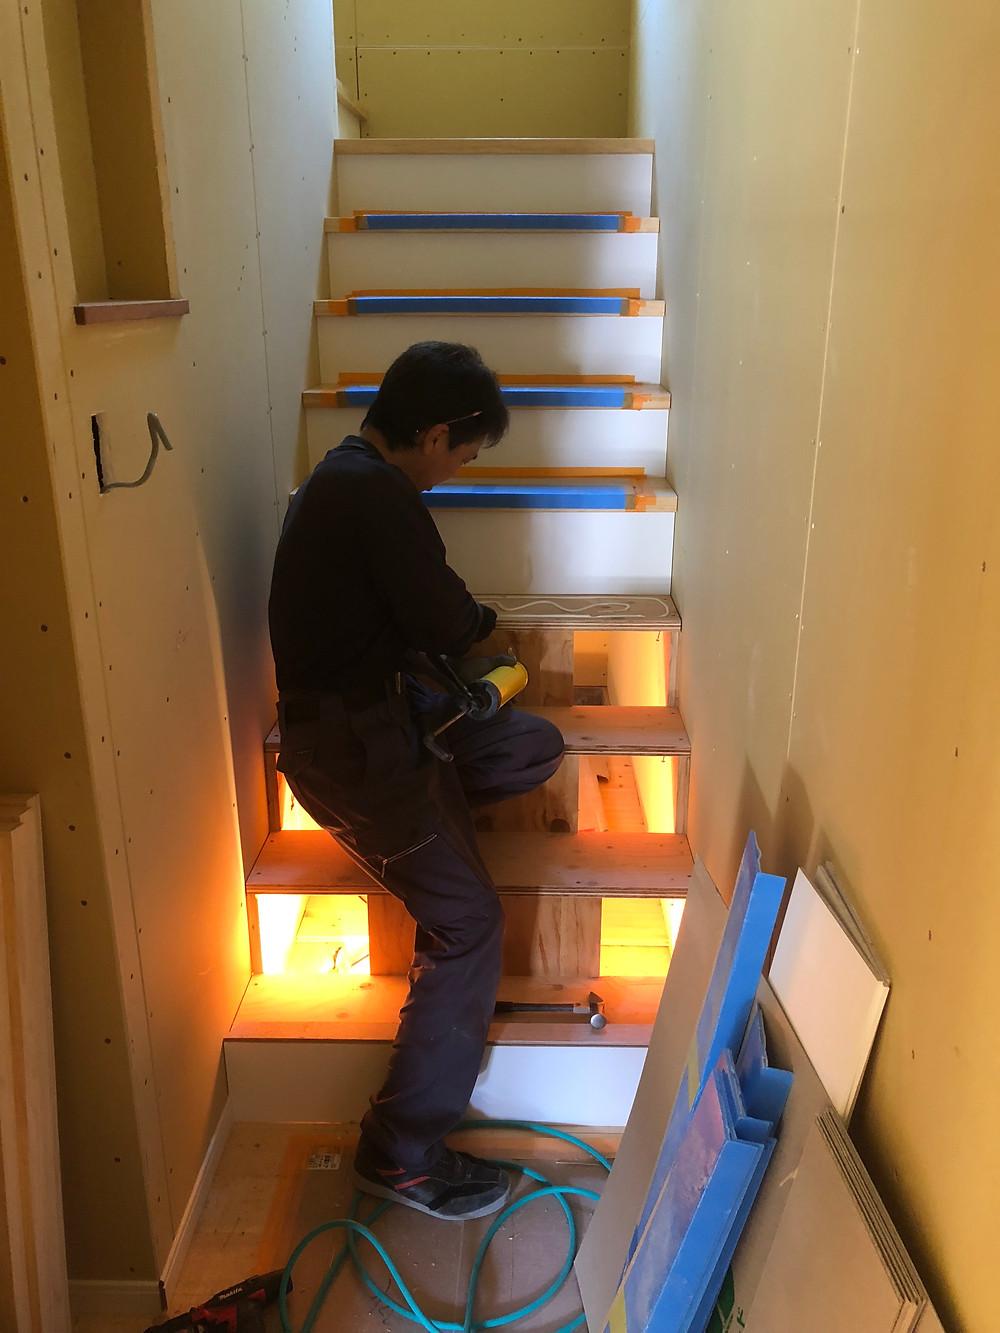 諫早市森山町T様邸階段を取付中の写真